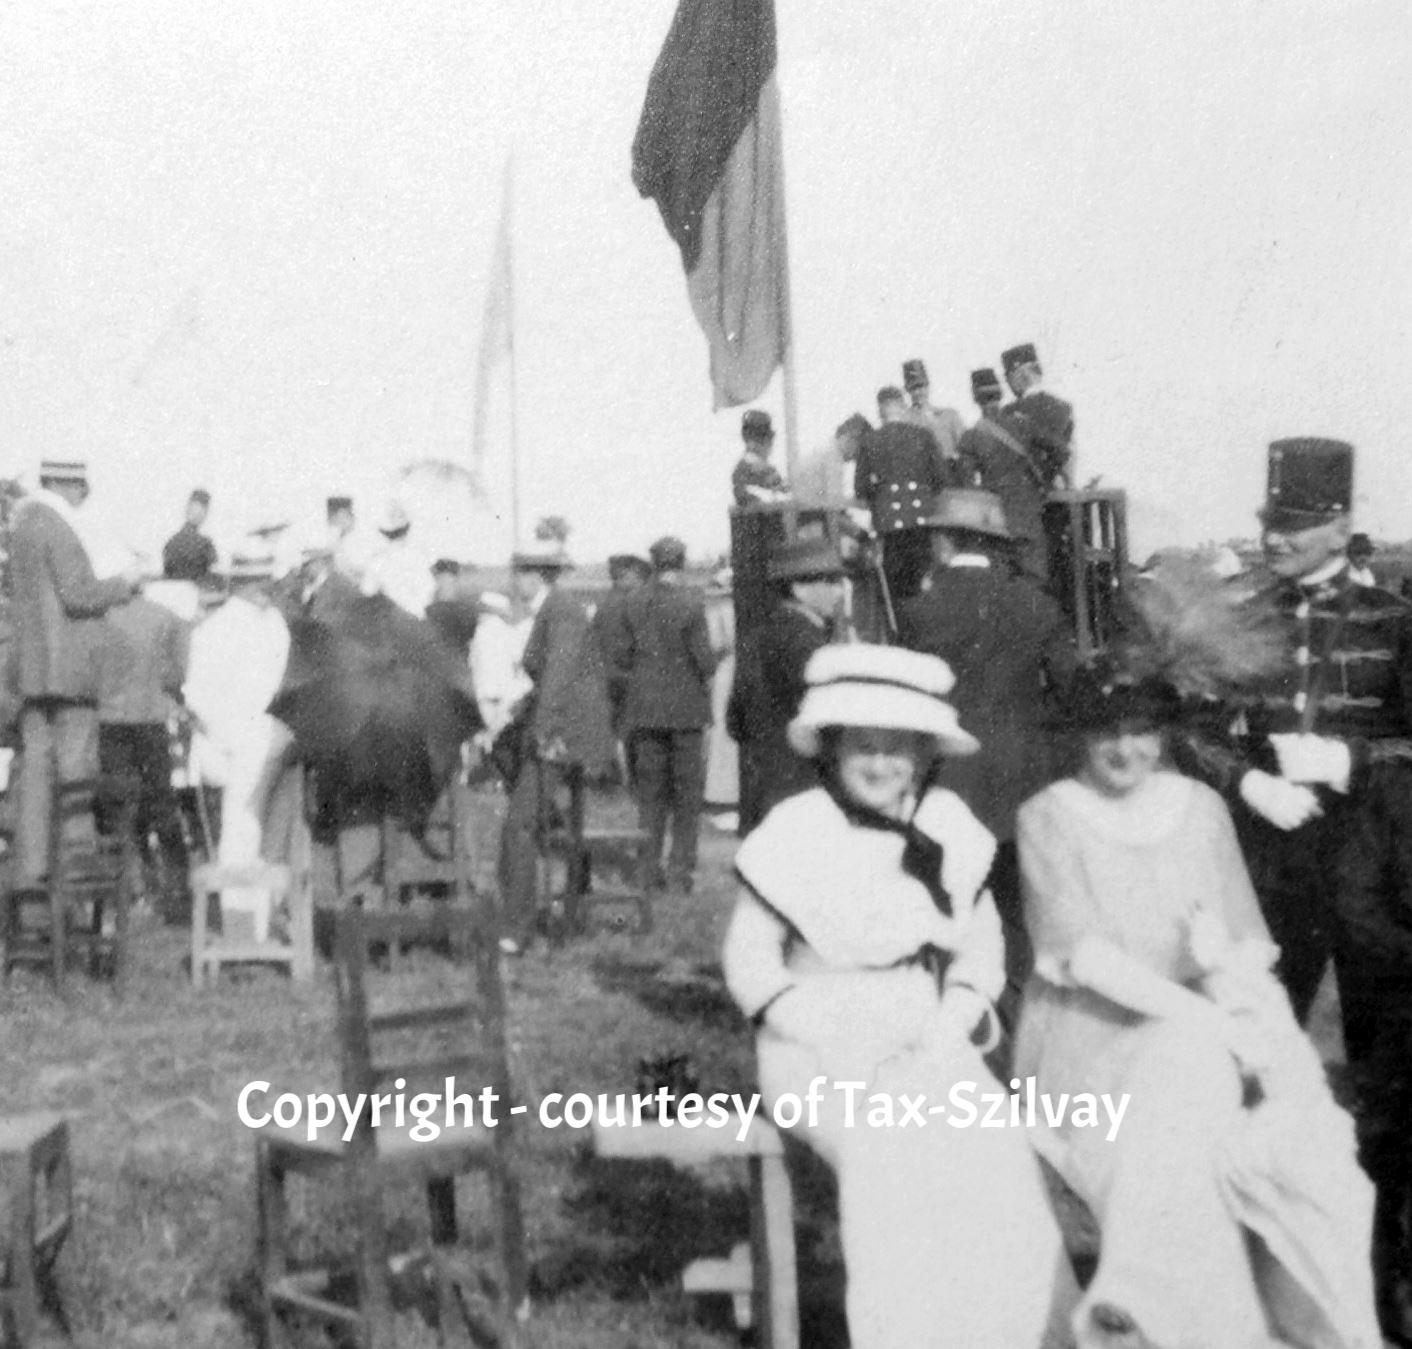 Pferdeturnier, verm. 1918 in Ungarn